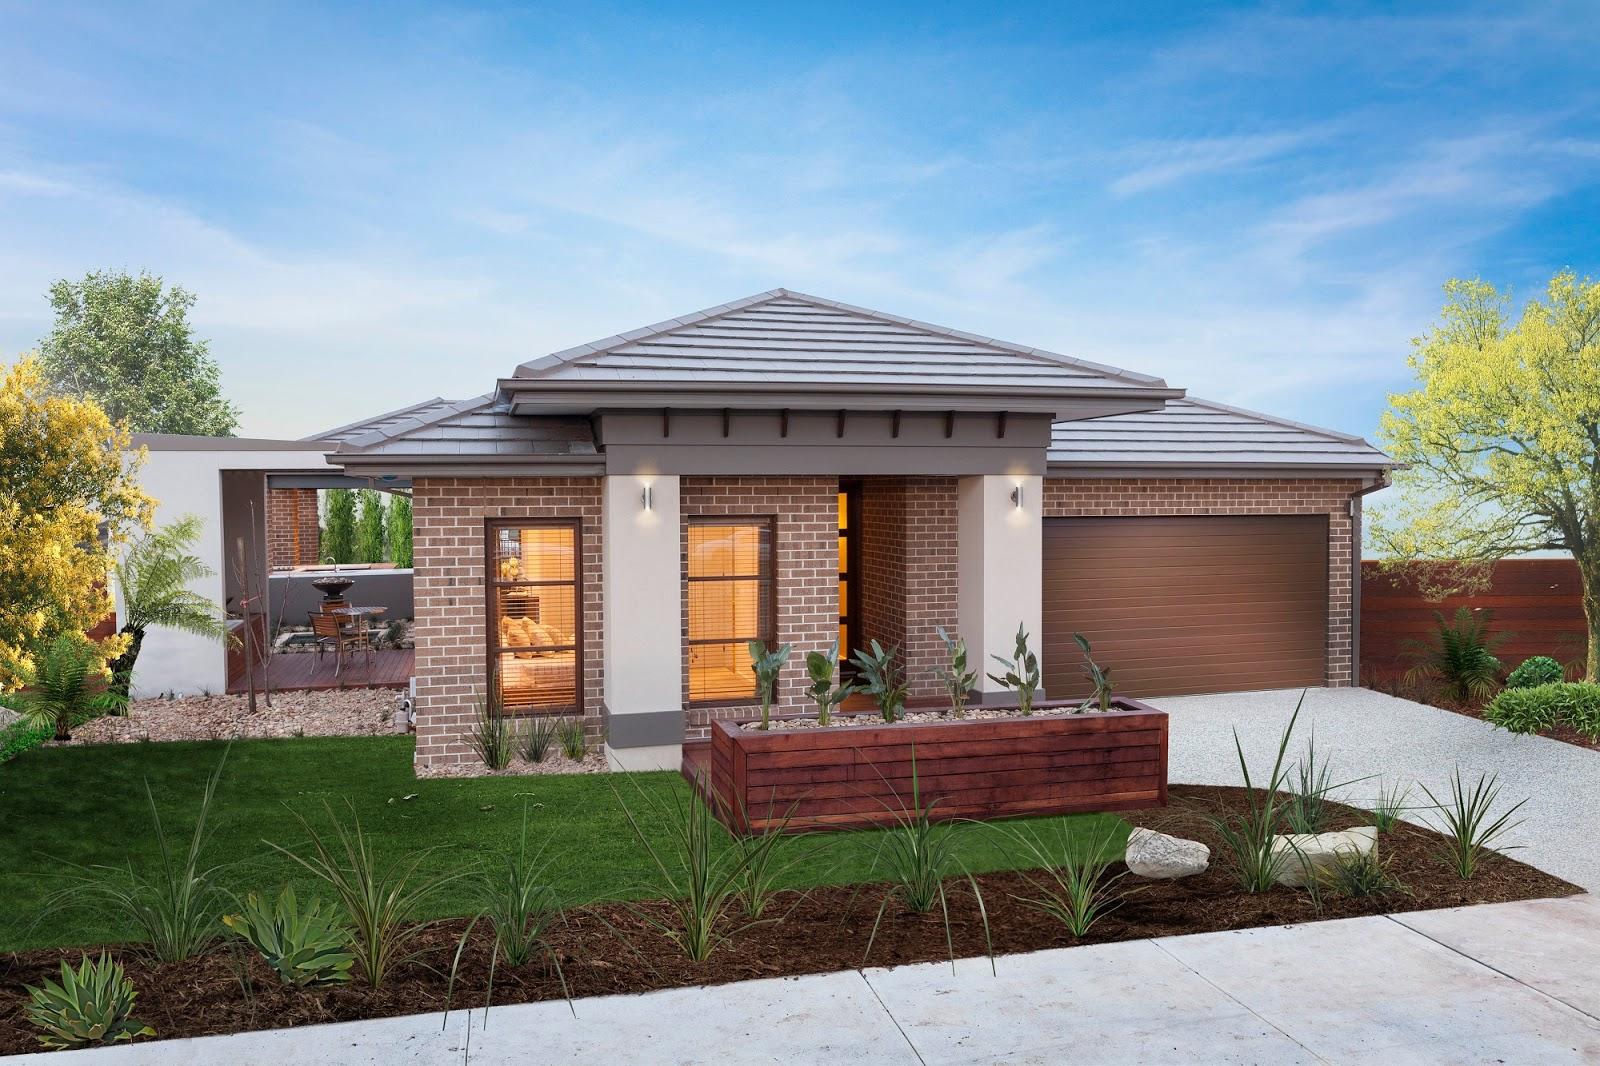 50 fotos de fachadas de casas modernas peque as bonitas for Fachadas de casas modernas 1 piso